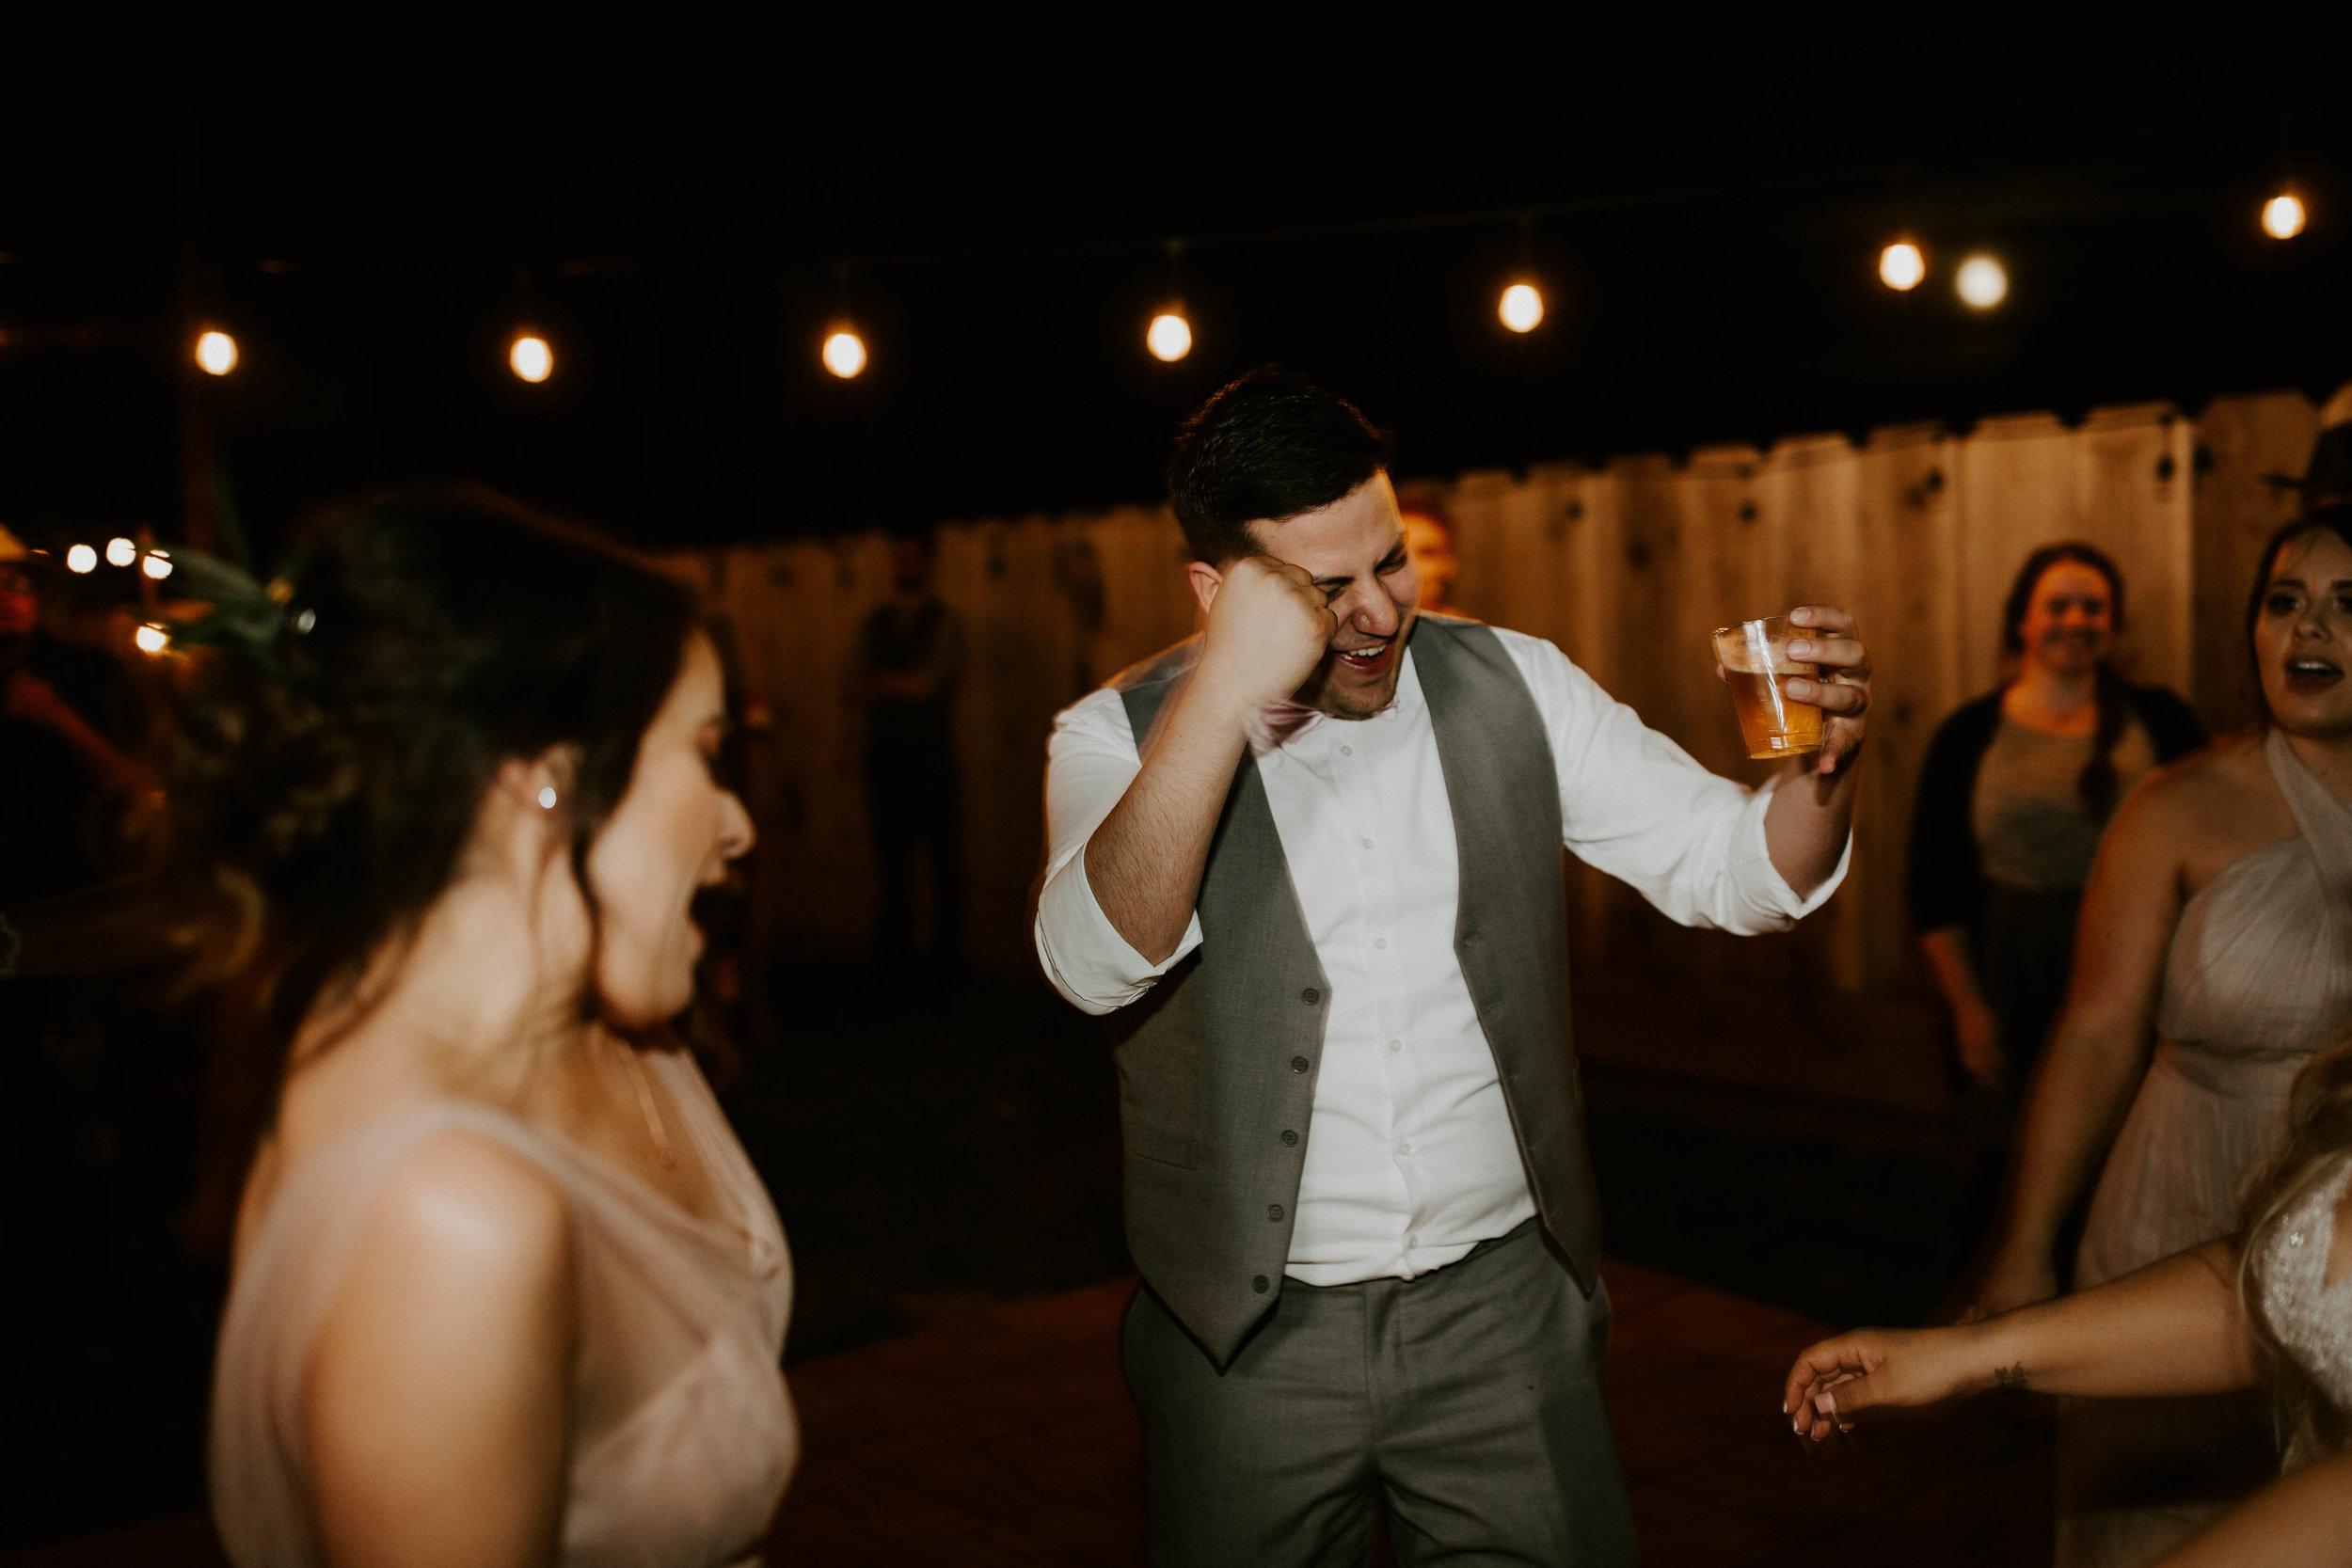 Kelsee&Yudith'sbackyardintimatewedding(628of646).jpg